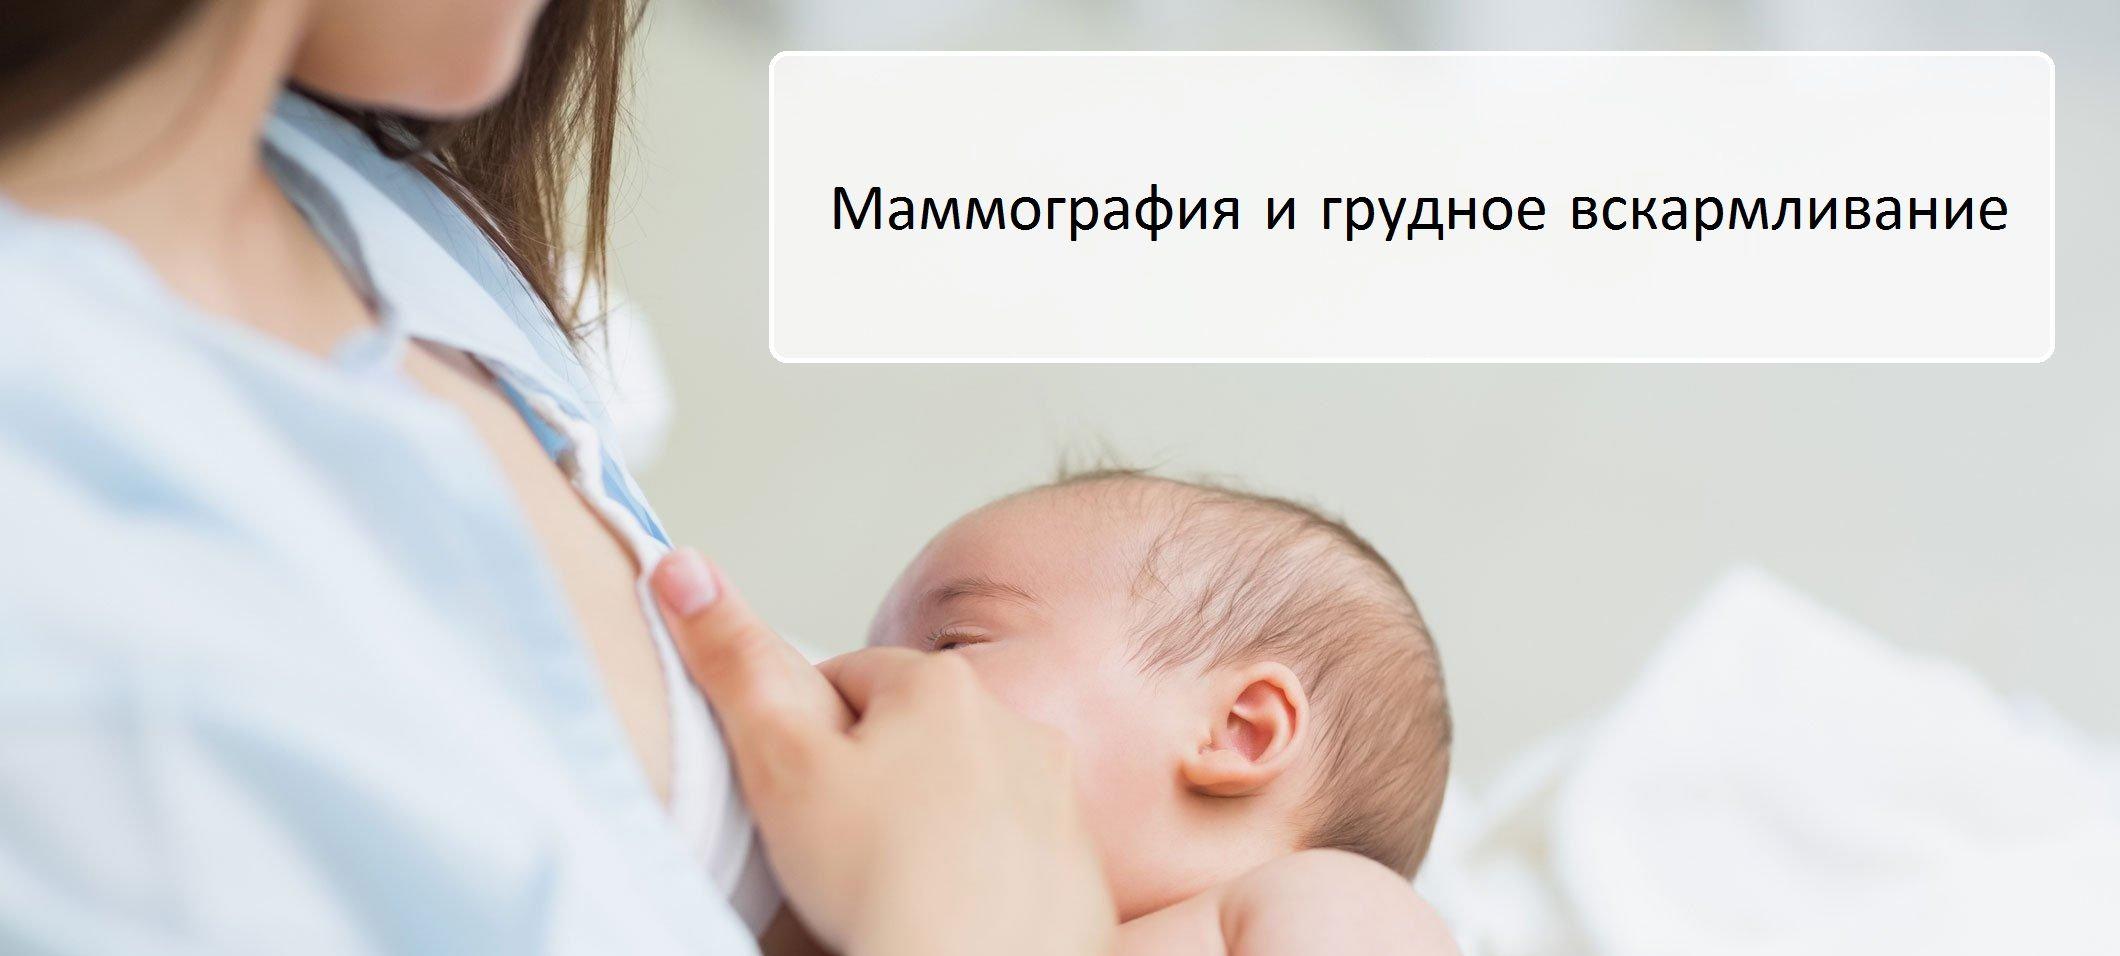 Маммография и грудное вскармливание